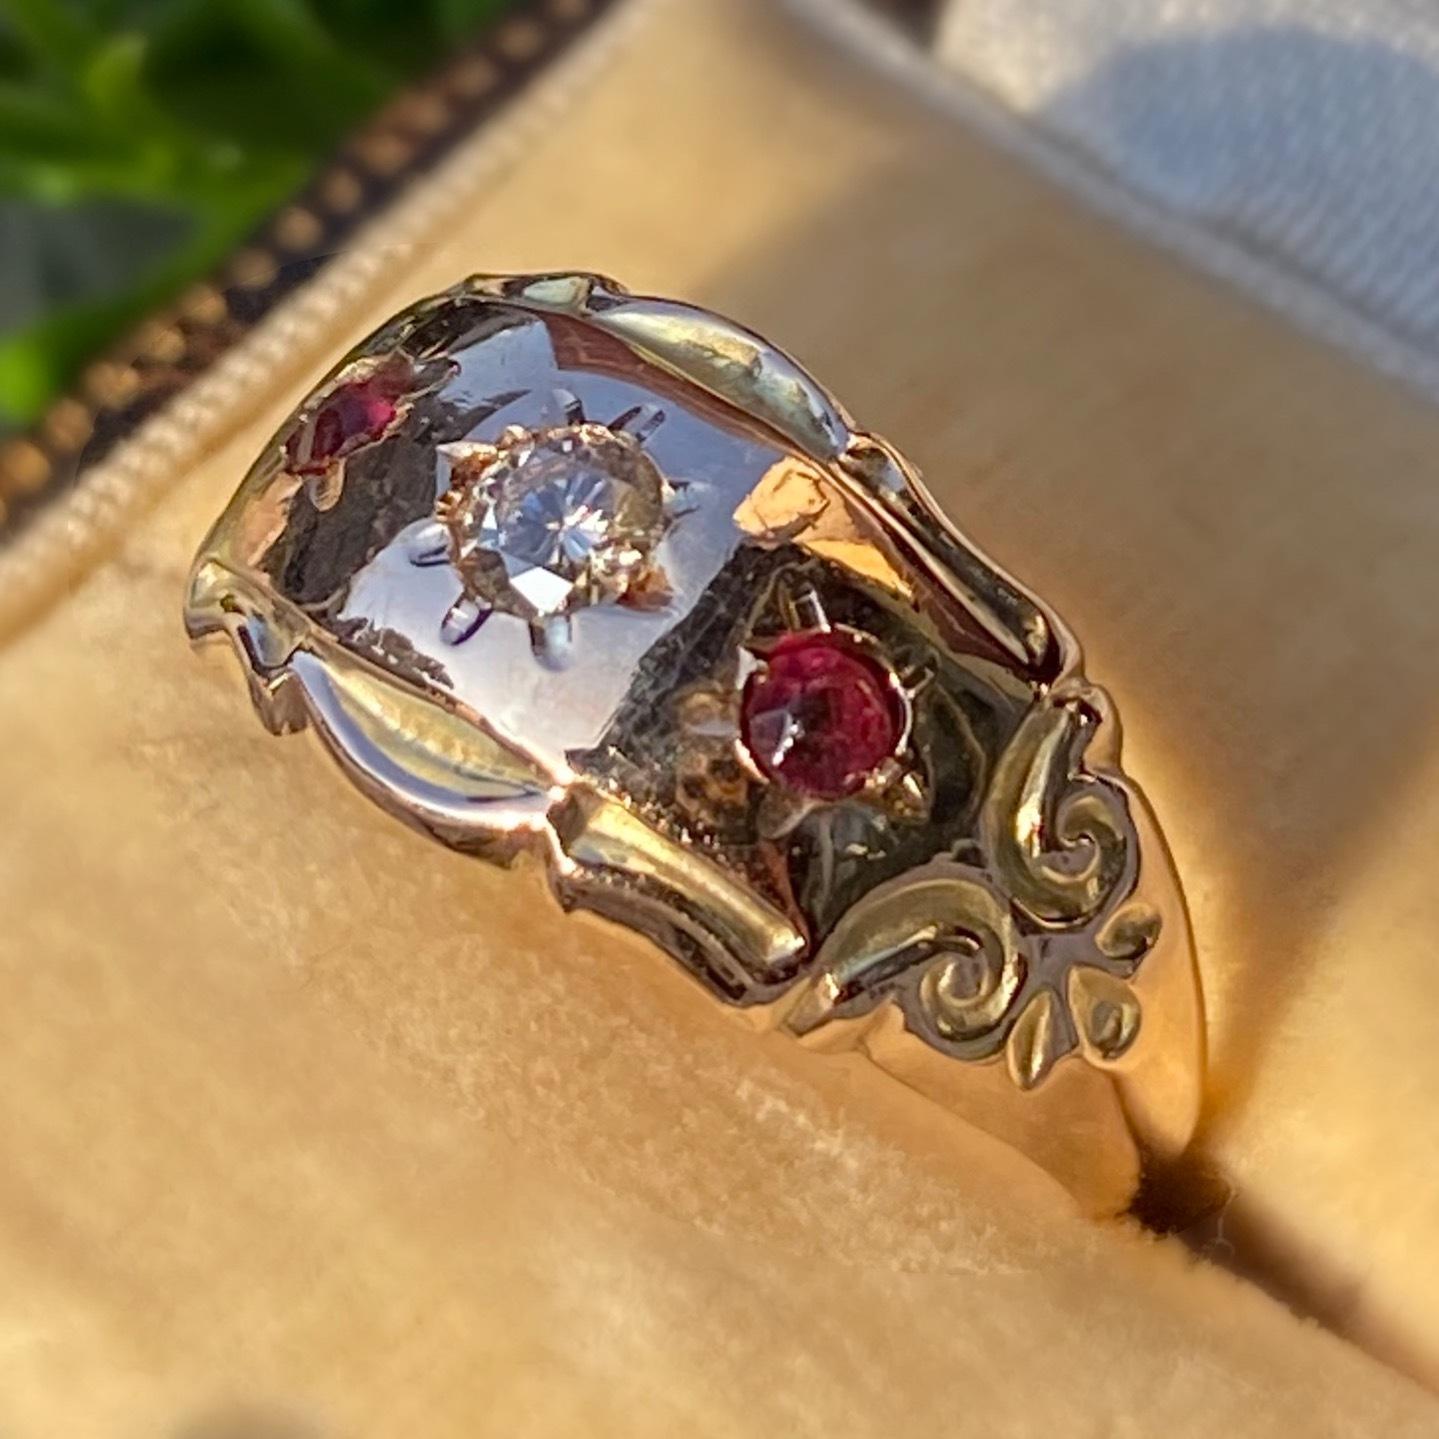 イギリス1917年製アンティークリング 指輪 ダイヤモンド ルビーペースト